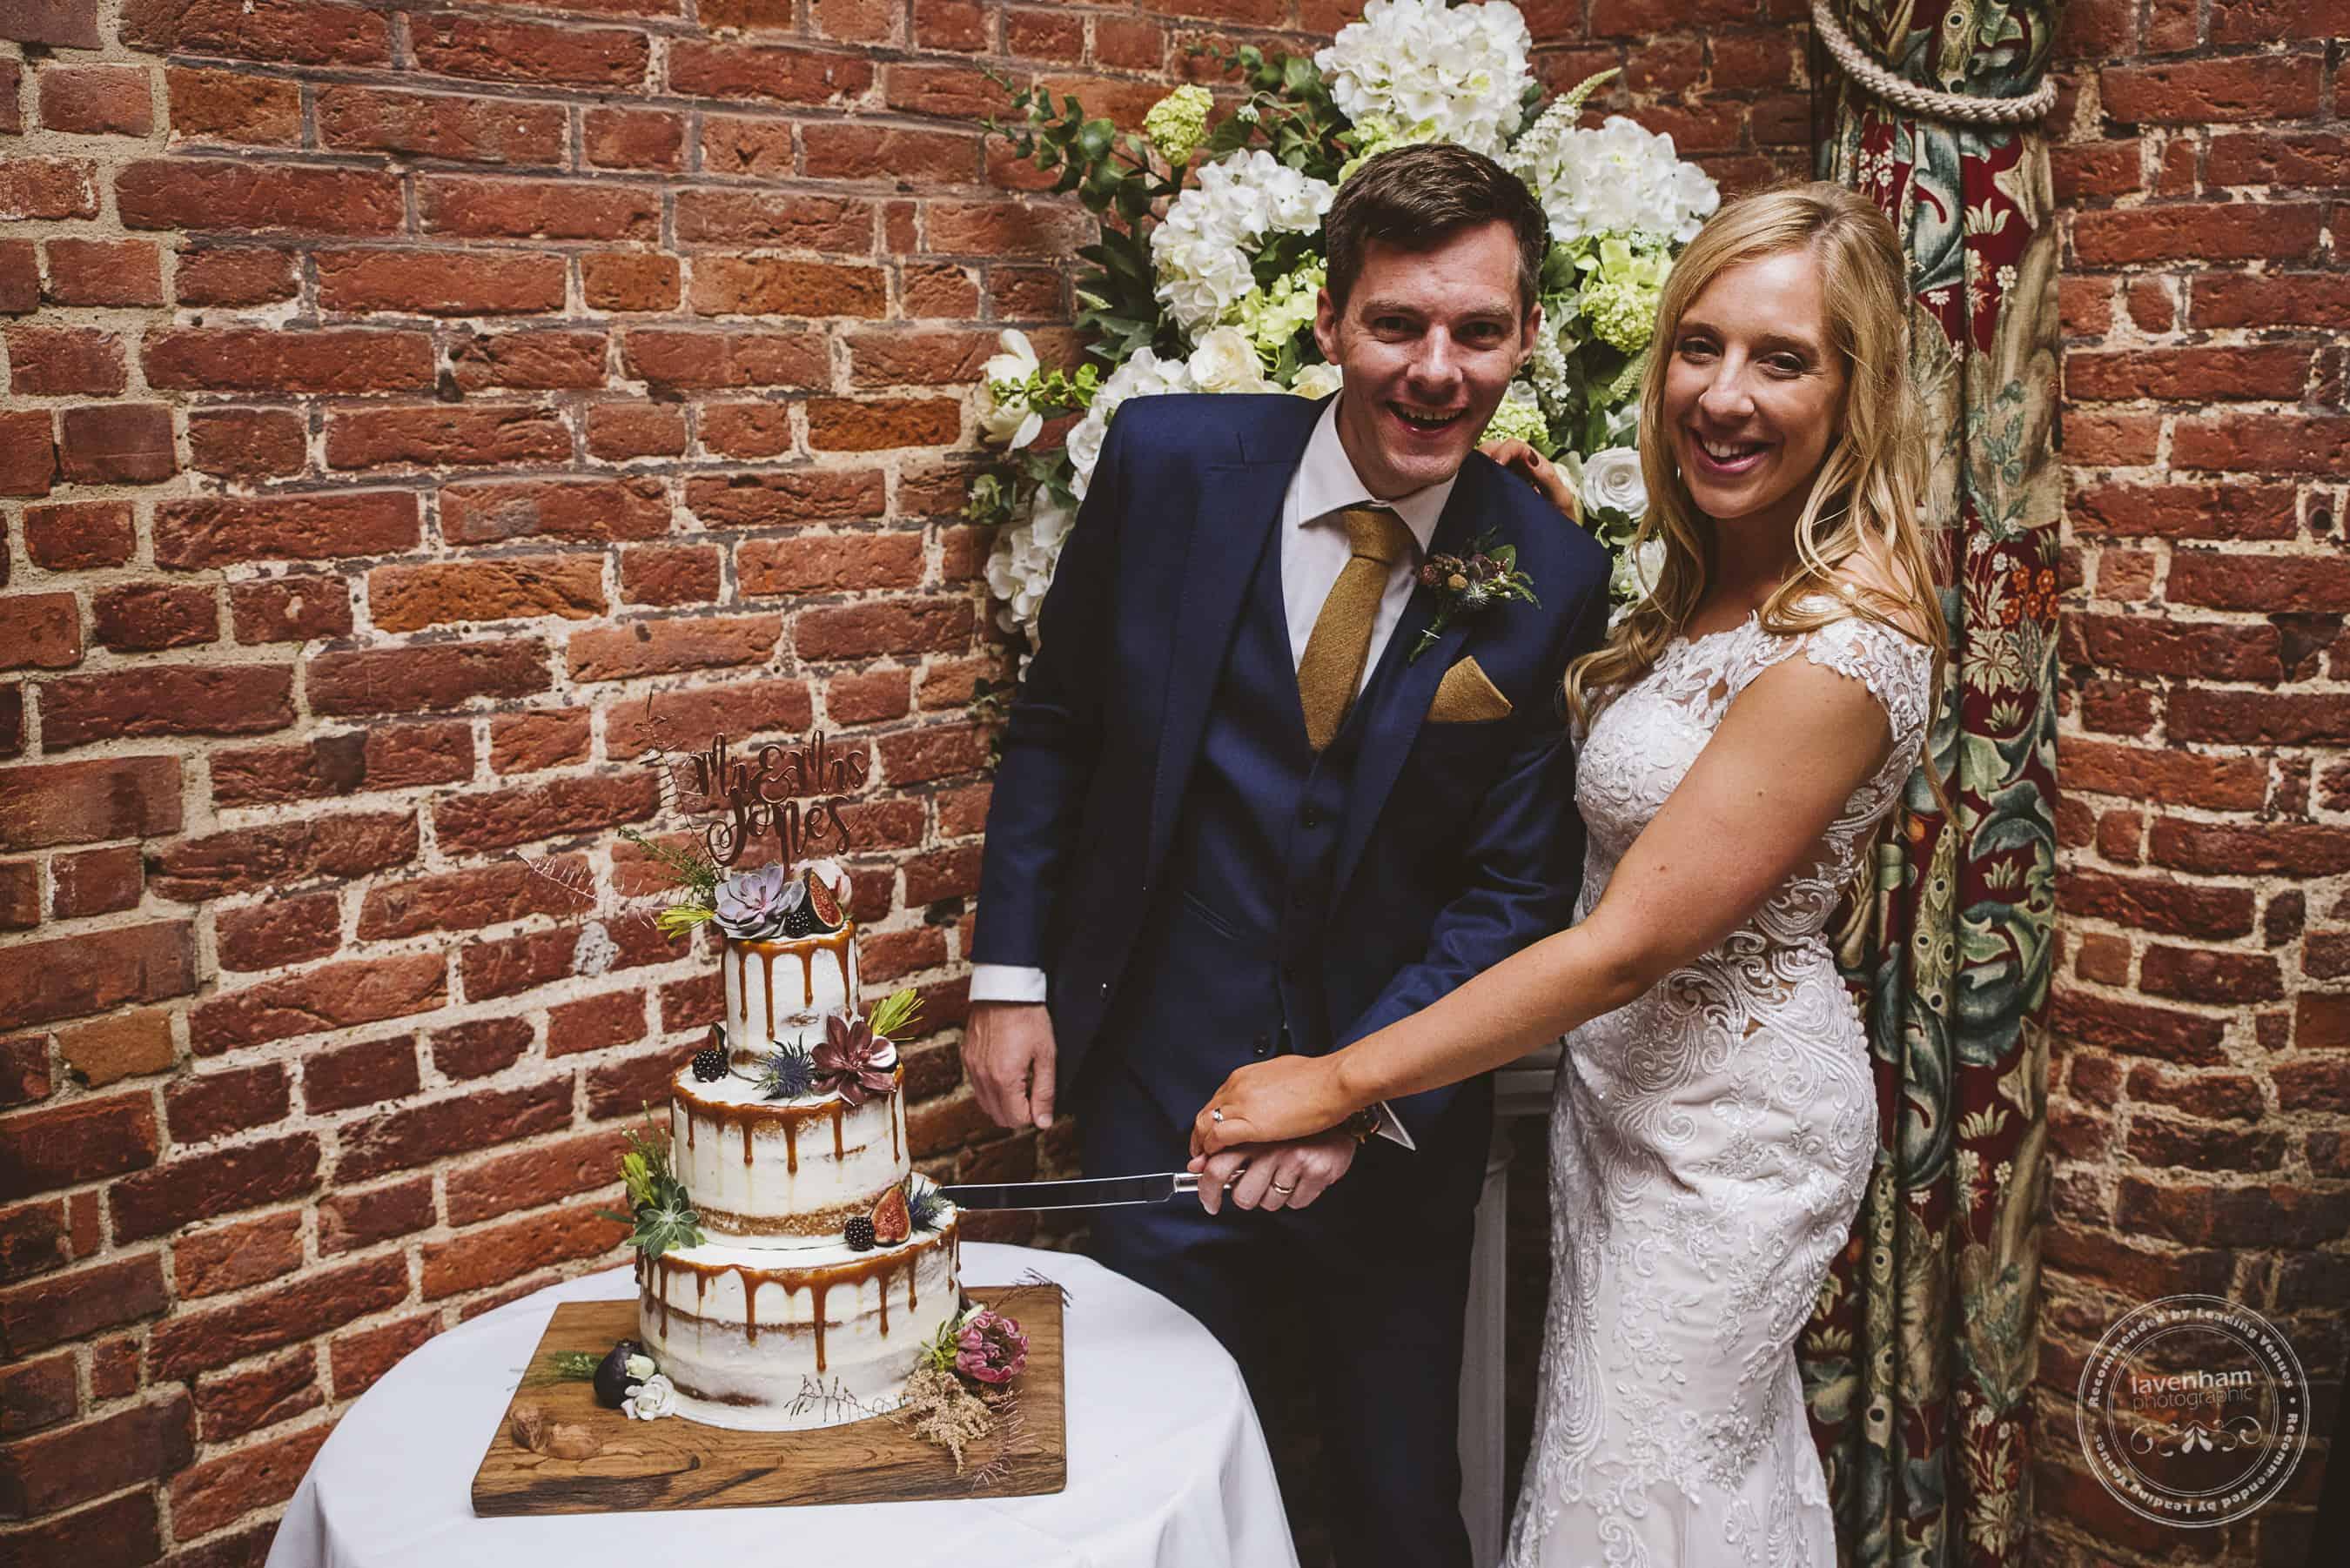 020618 Leez Priory Wedding Photography Lavenham Photographic 171